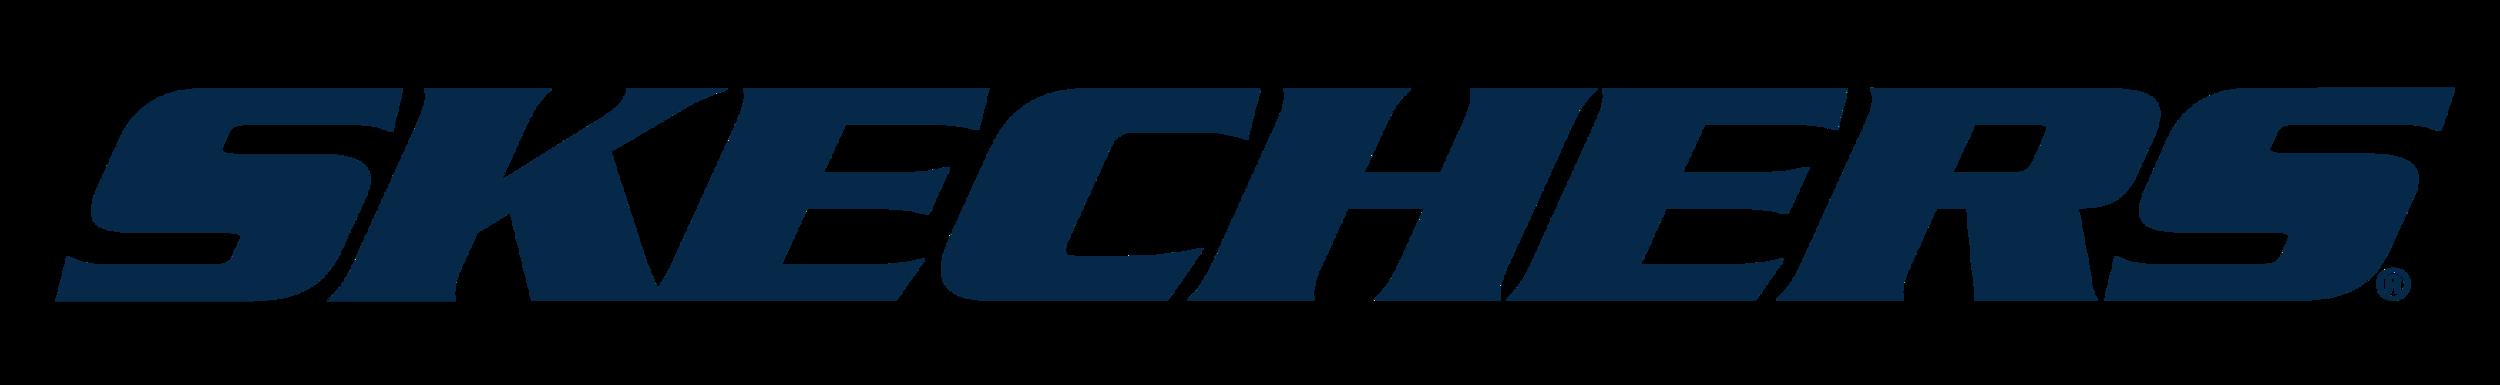 Skechers_logo_logotype.png